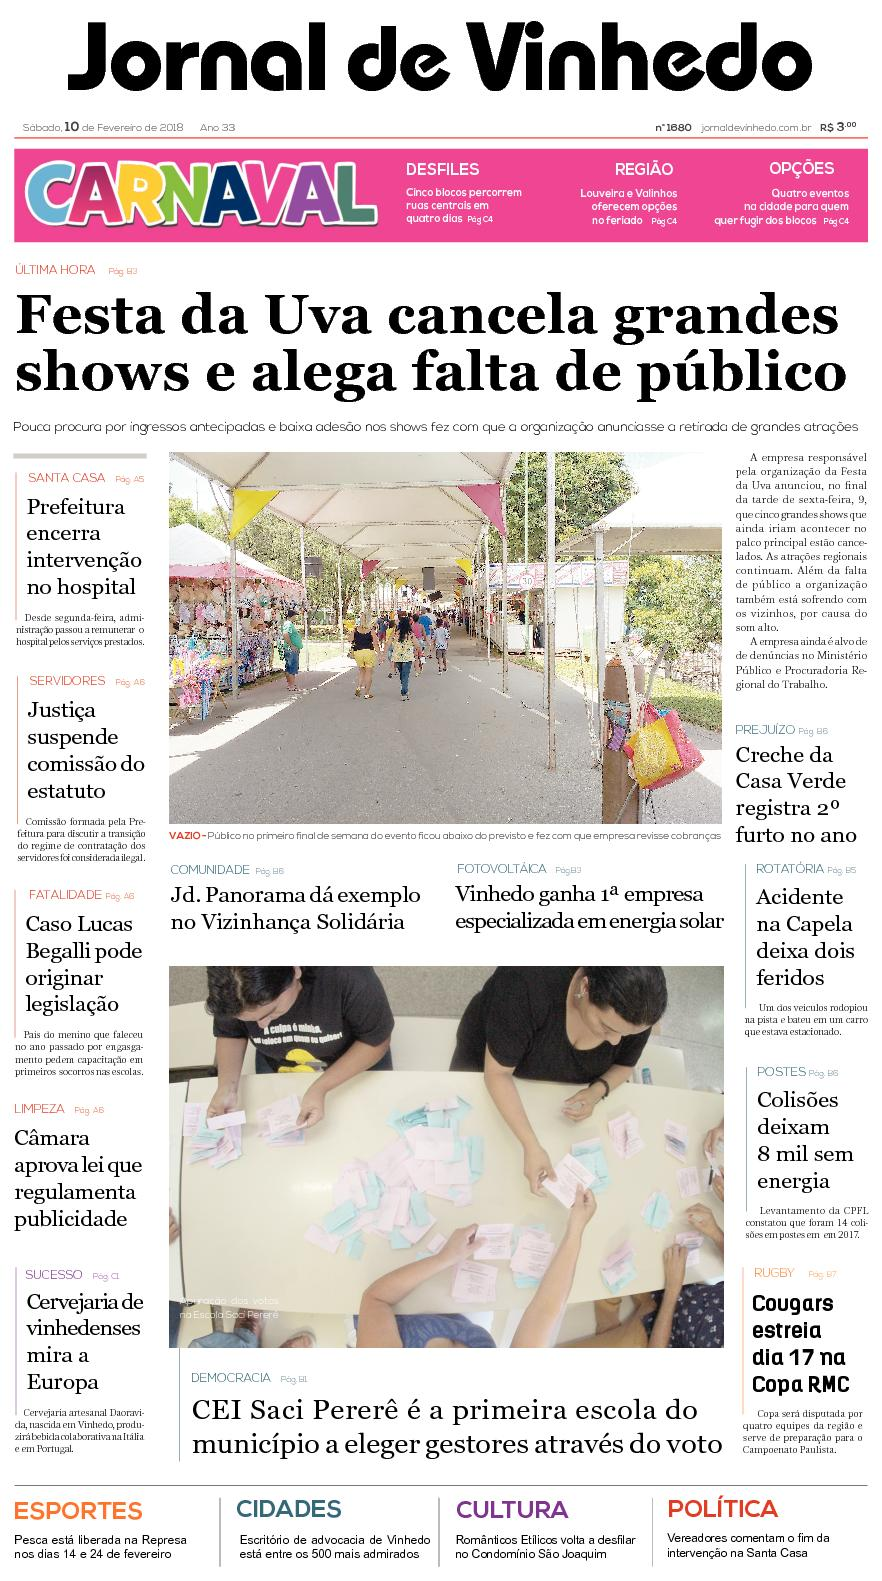 0863594725 Calaméo - Jornal De Vinhedo Sabado 10 De Fevereiro De 2018 Edic1680